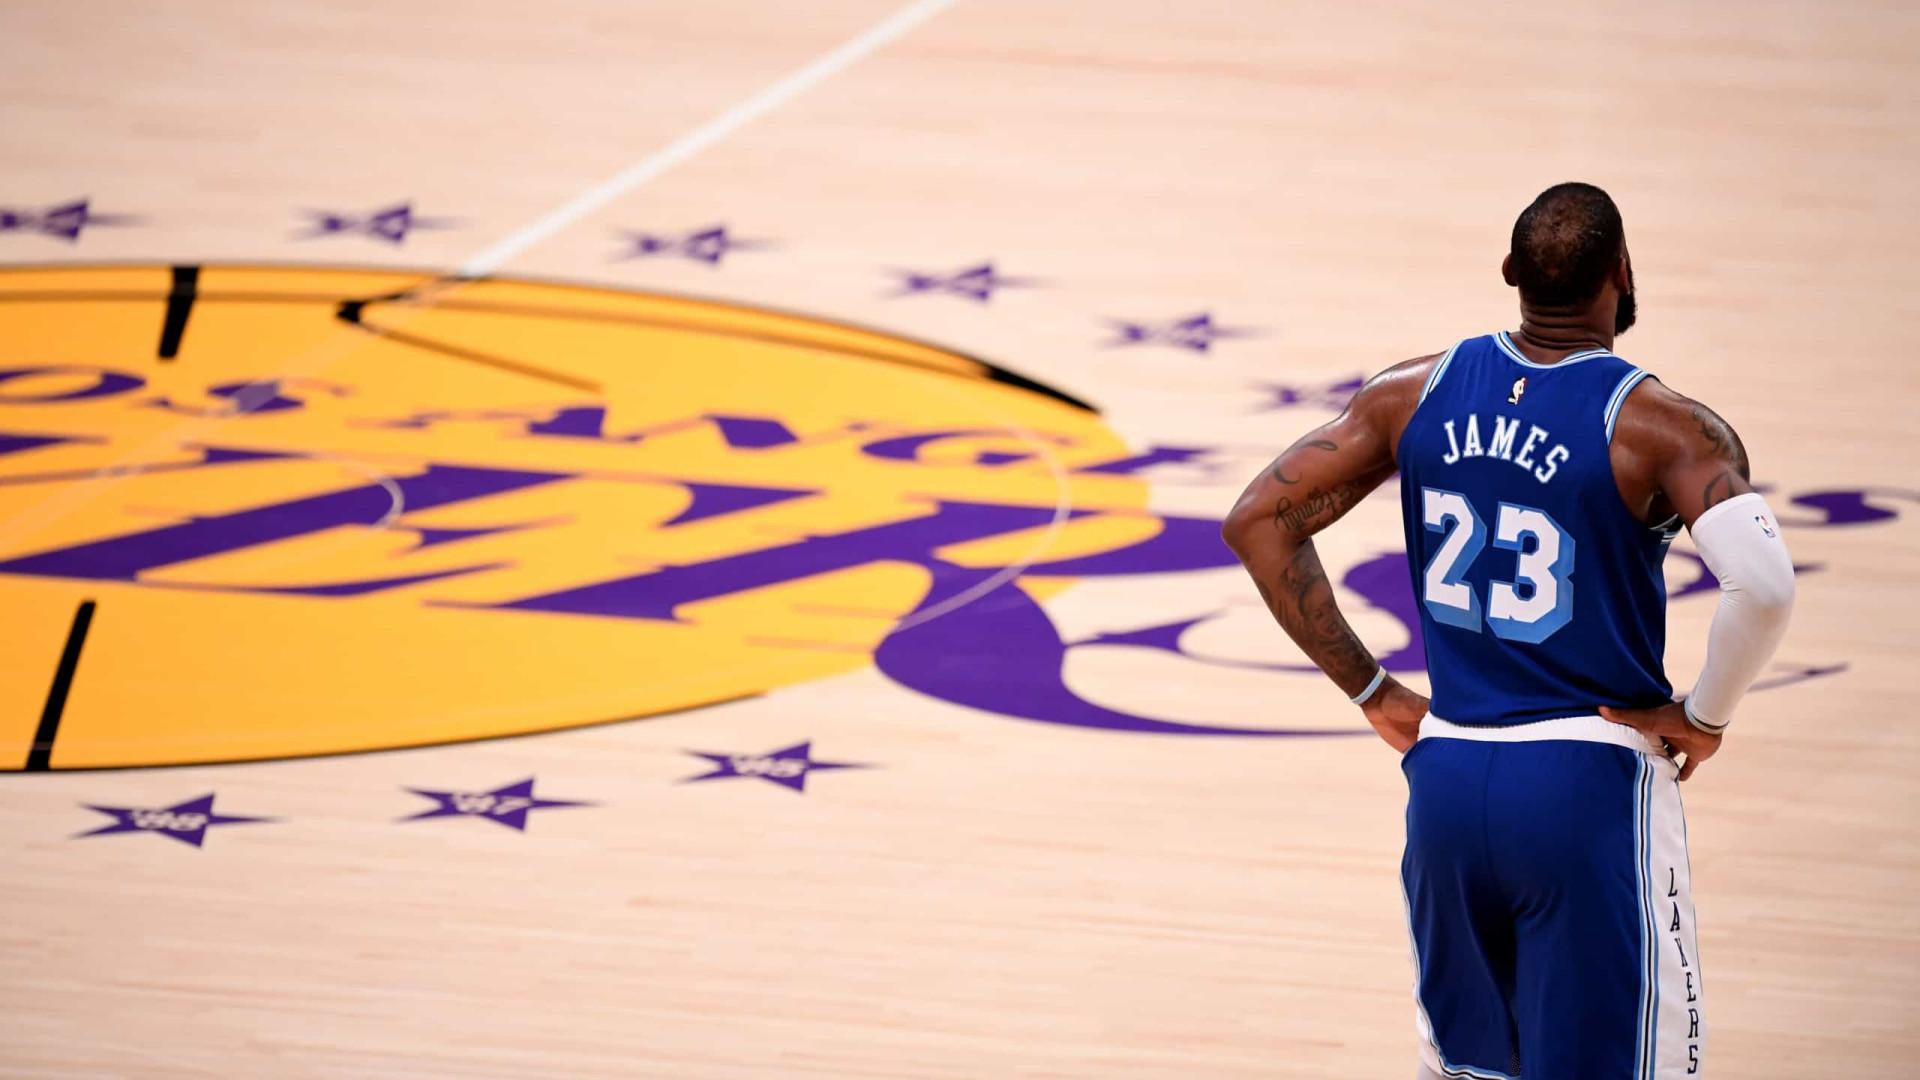 Com boa recuperação de lesão, LeBron e Davis podem voltar aos Lakers em 3 semanas